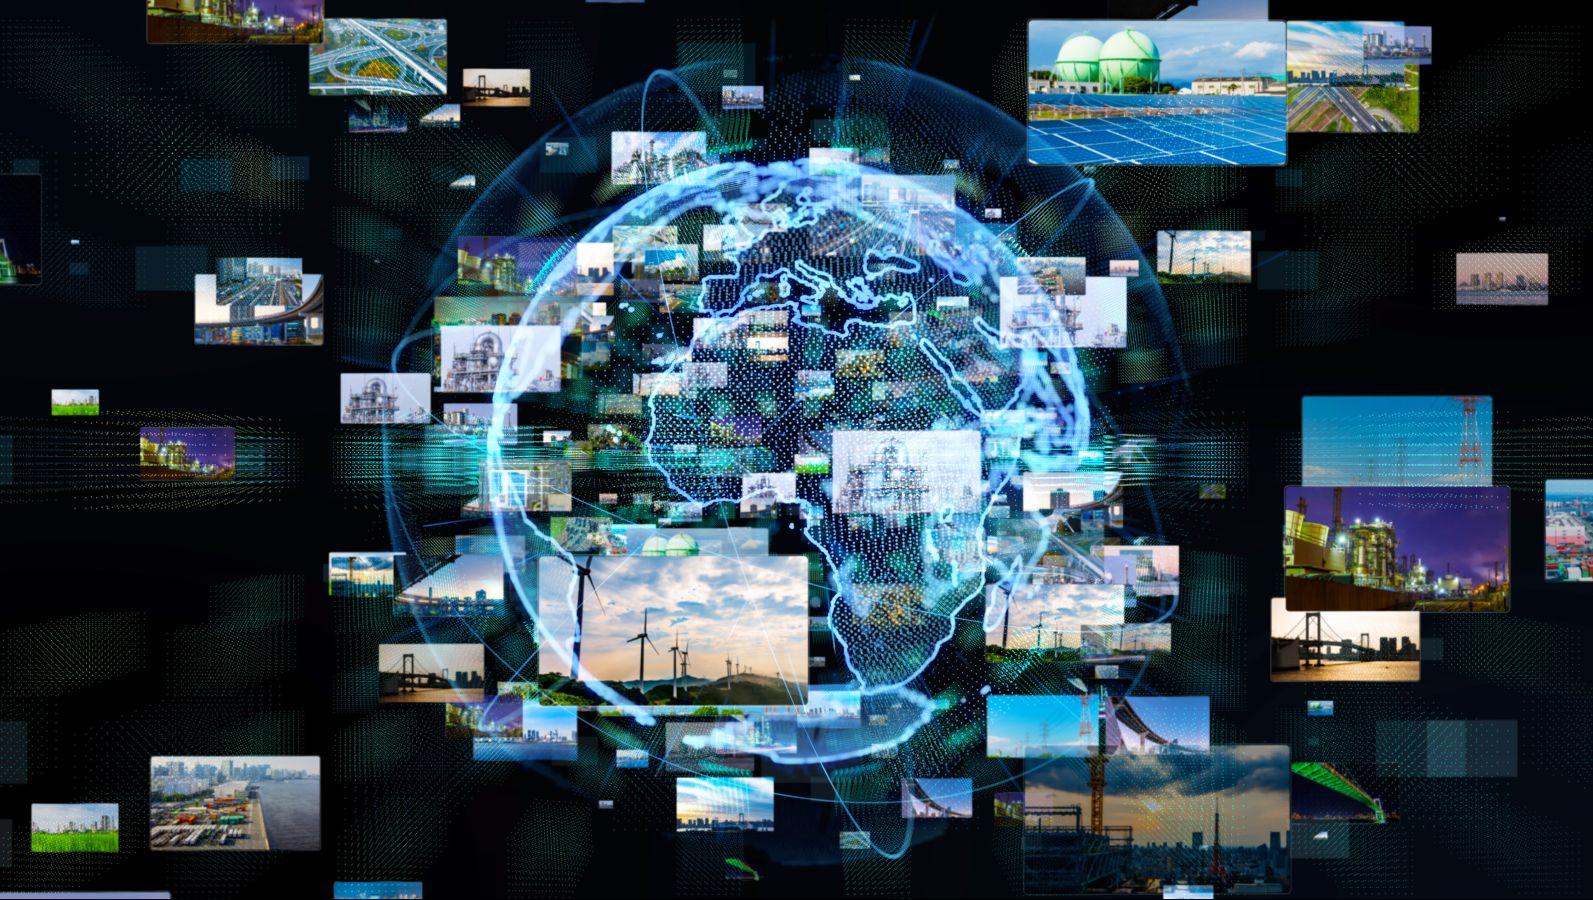 Eine Weltkugel umgeben von vielen kleinen Bildern die diverse Ressourcenutzungsmöglichkeiten aufzeigen.